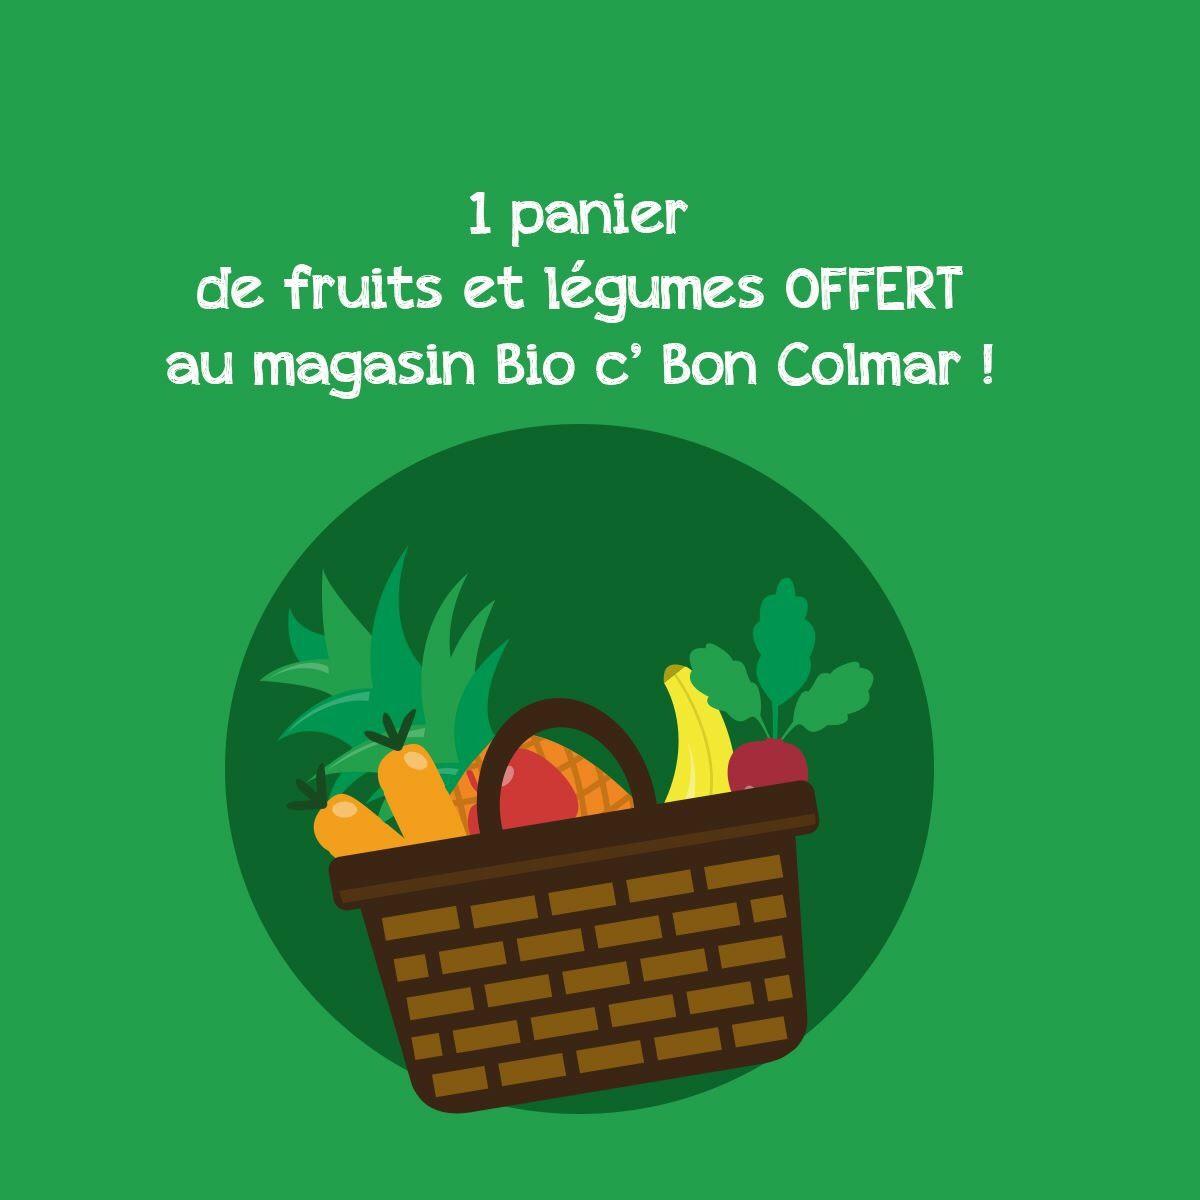 Un panier de fruits et légumes bio gratuit - Bio'c'bon Colmar (68)